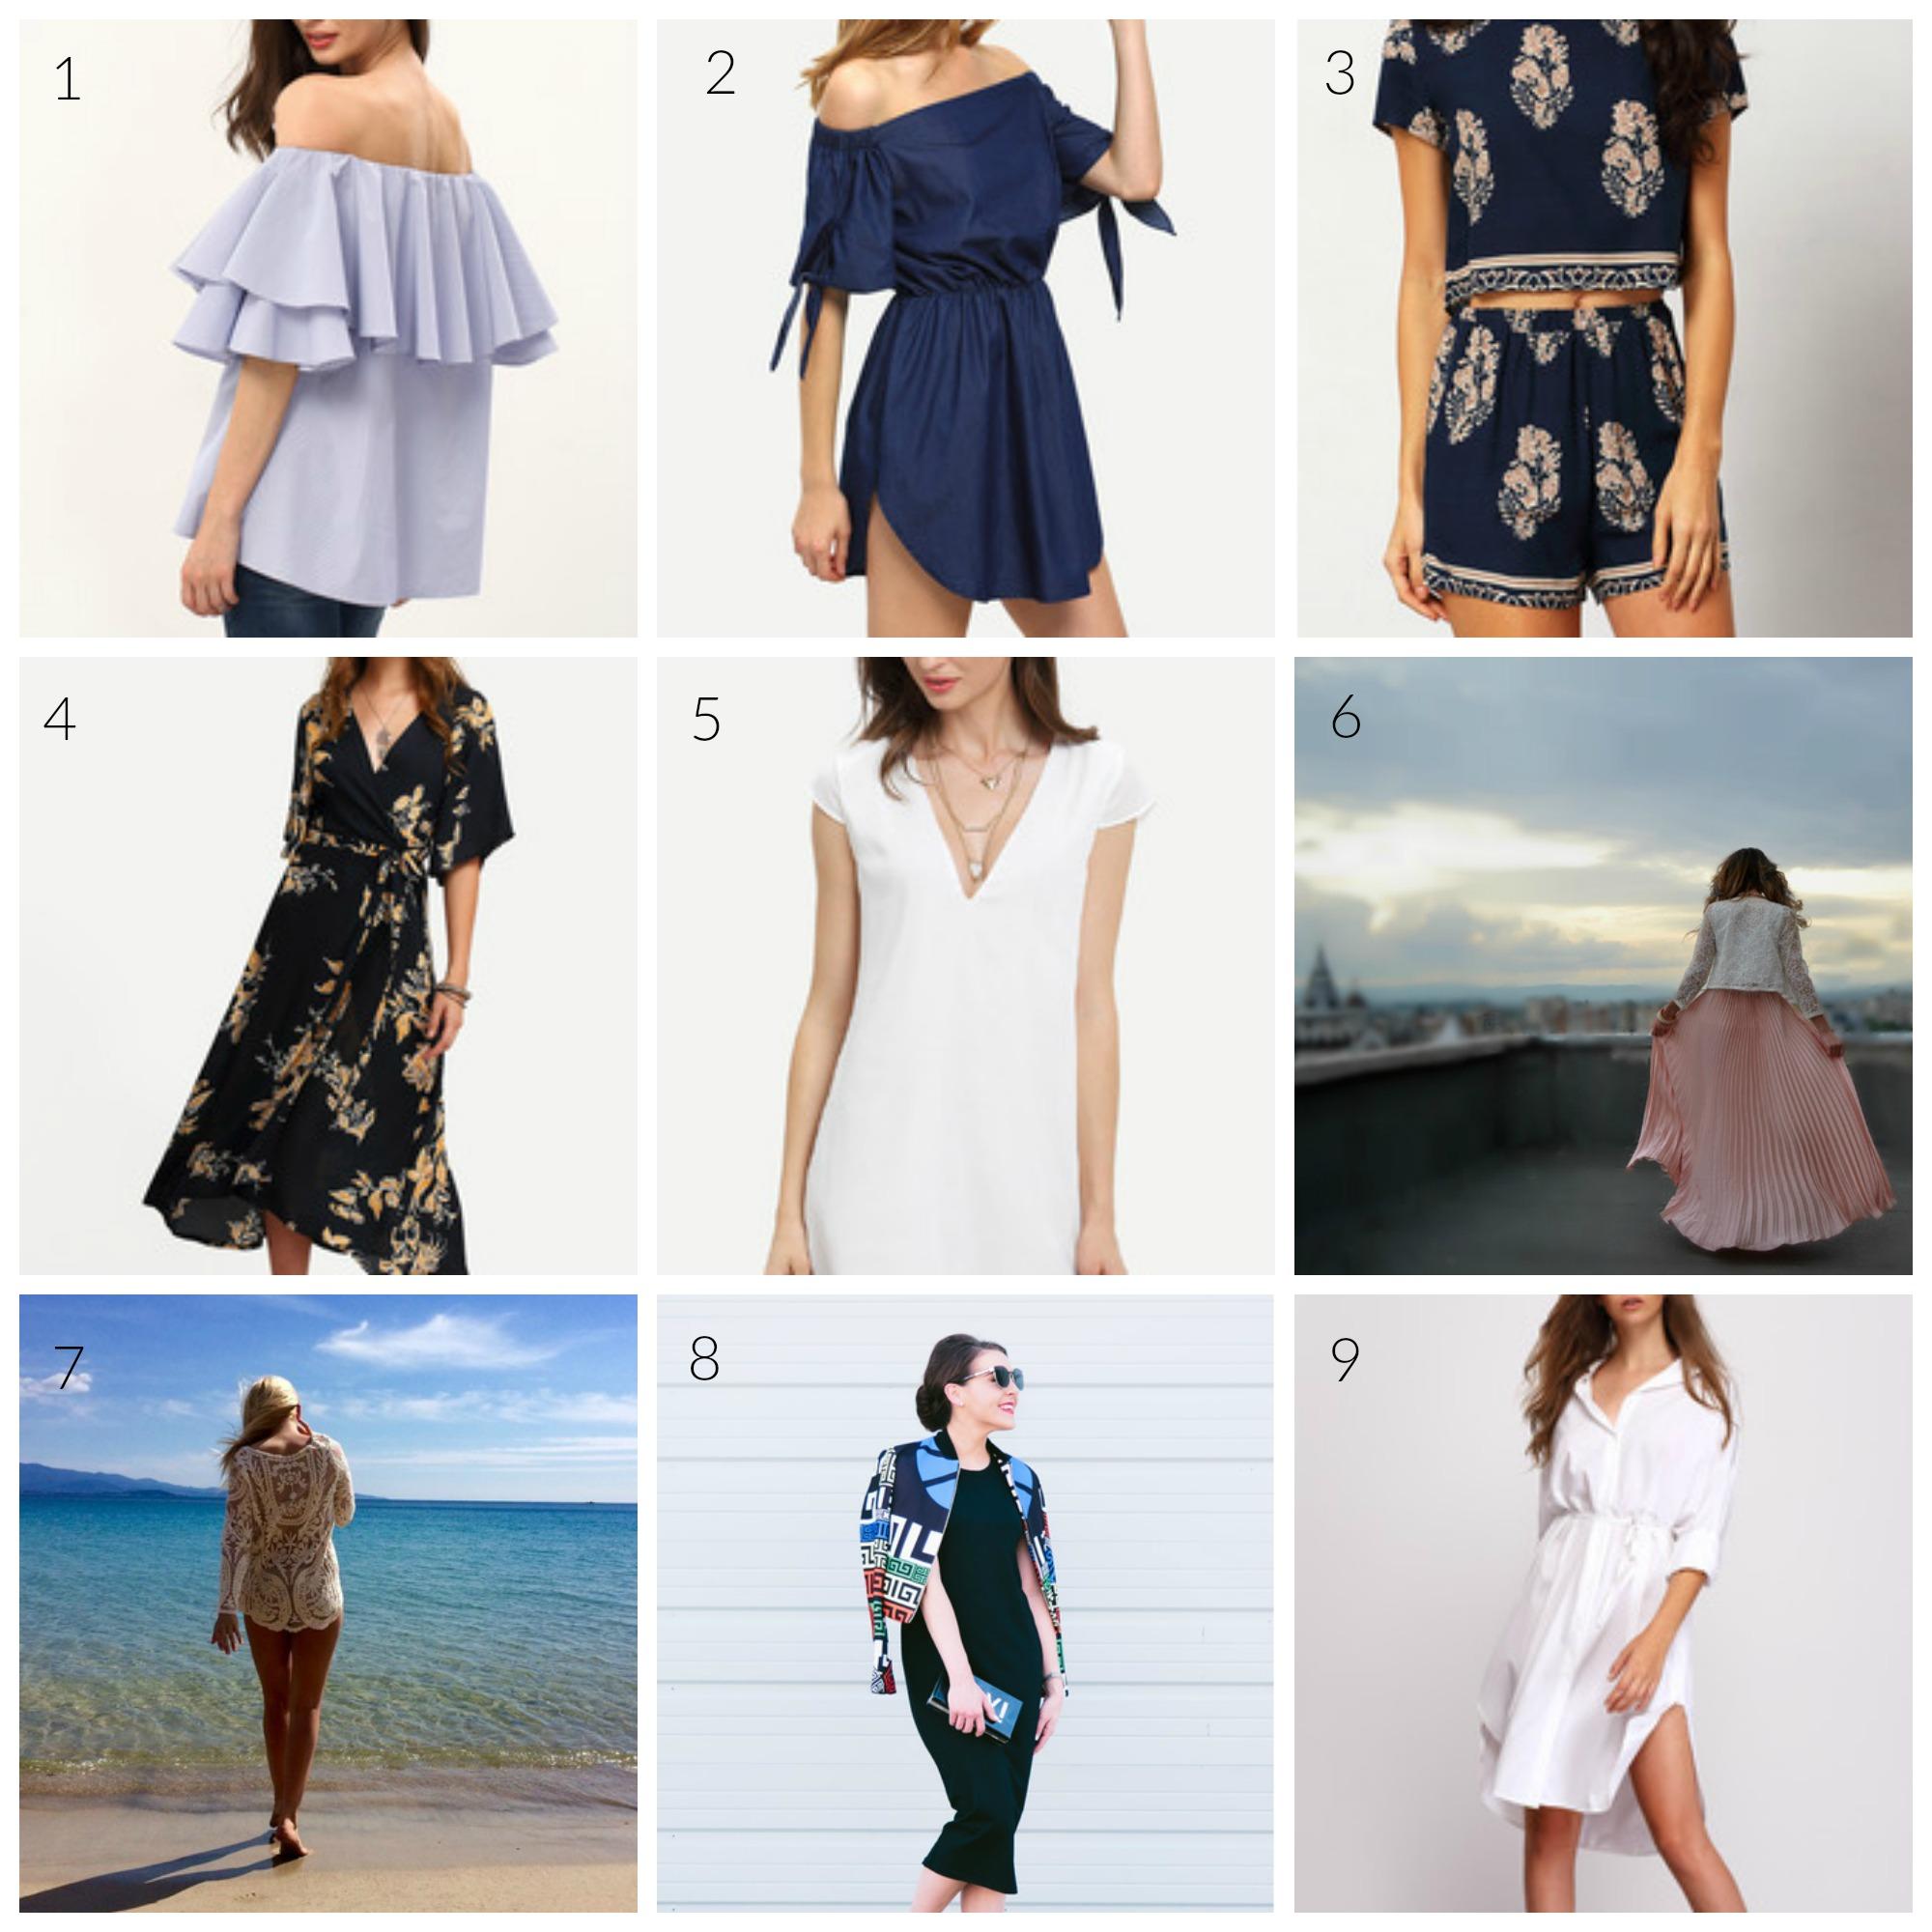 Summer Style Gems - SheIn WishlistSummer Style Gems - SheIn Wishlist | www.styledomination.com